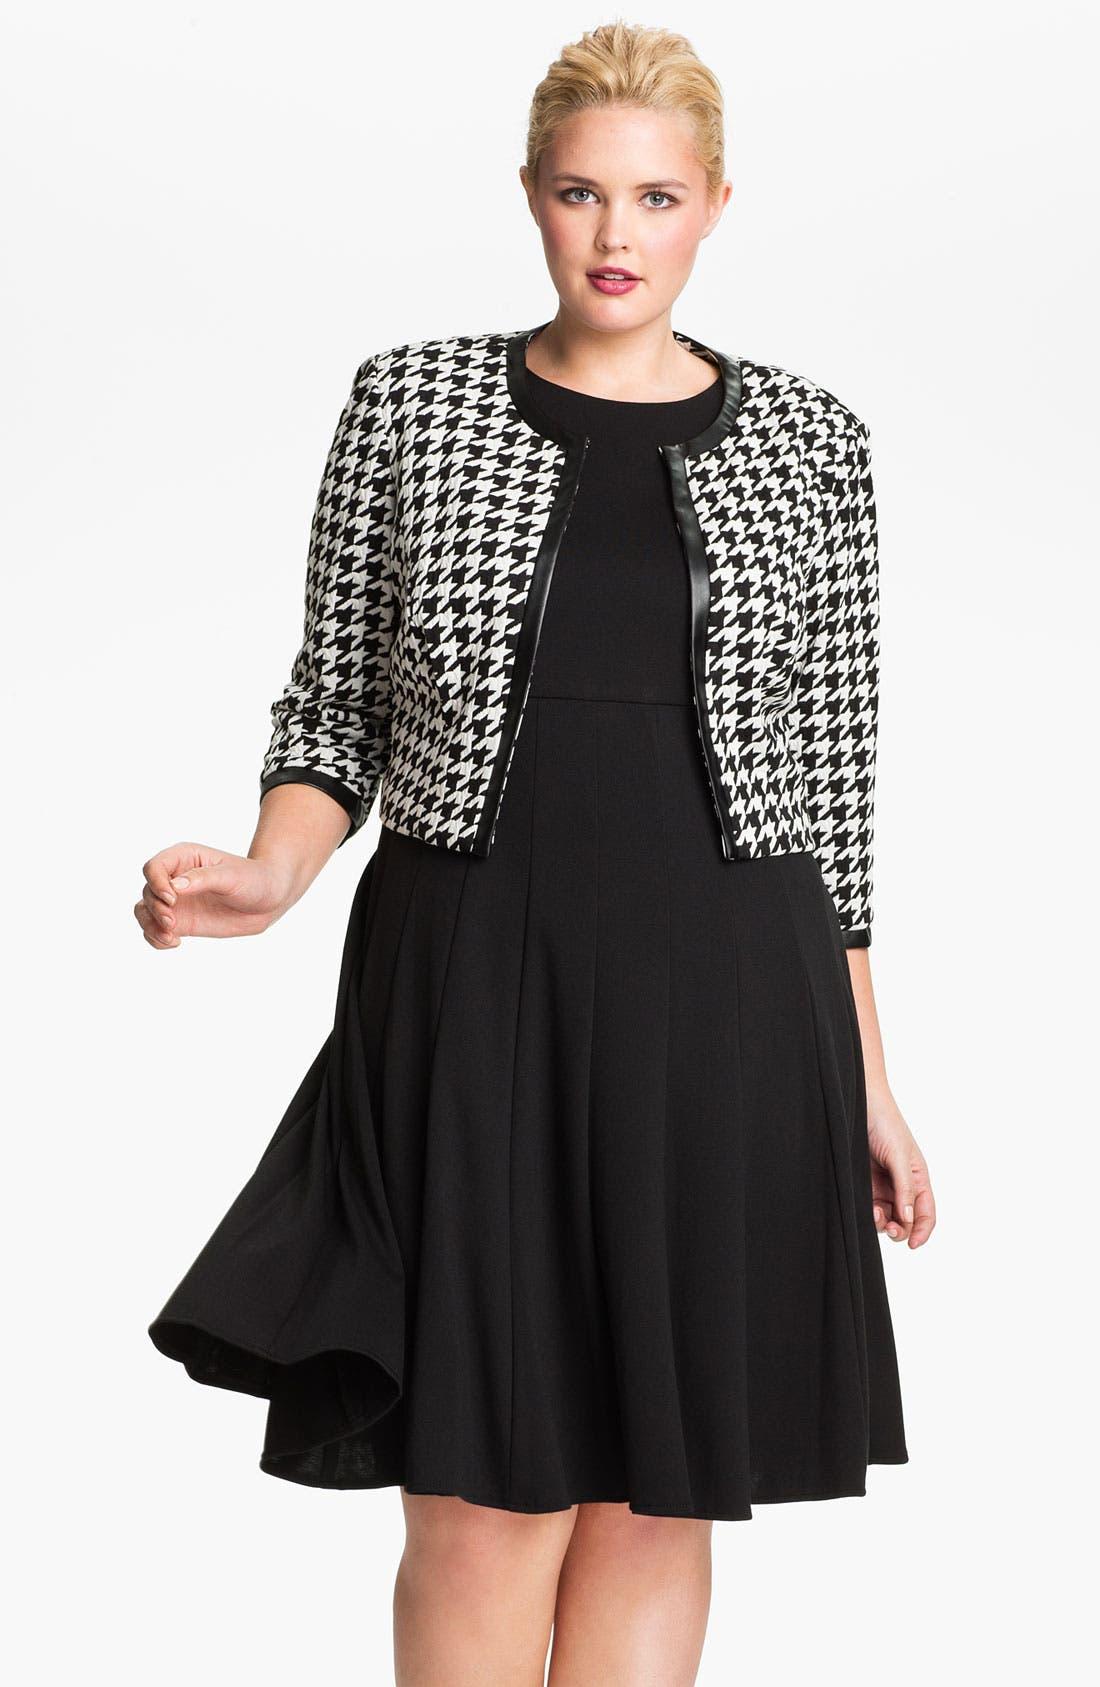 Main Image - Eliza J Pleated Dress & Bolero Jacket (Plus Size)